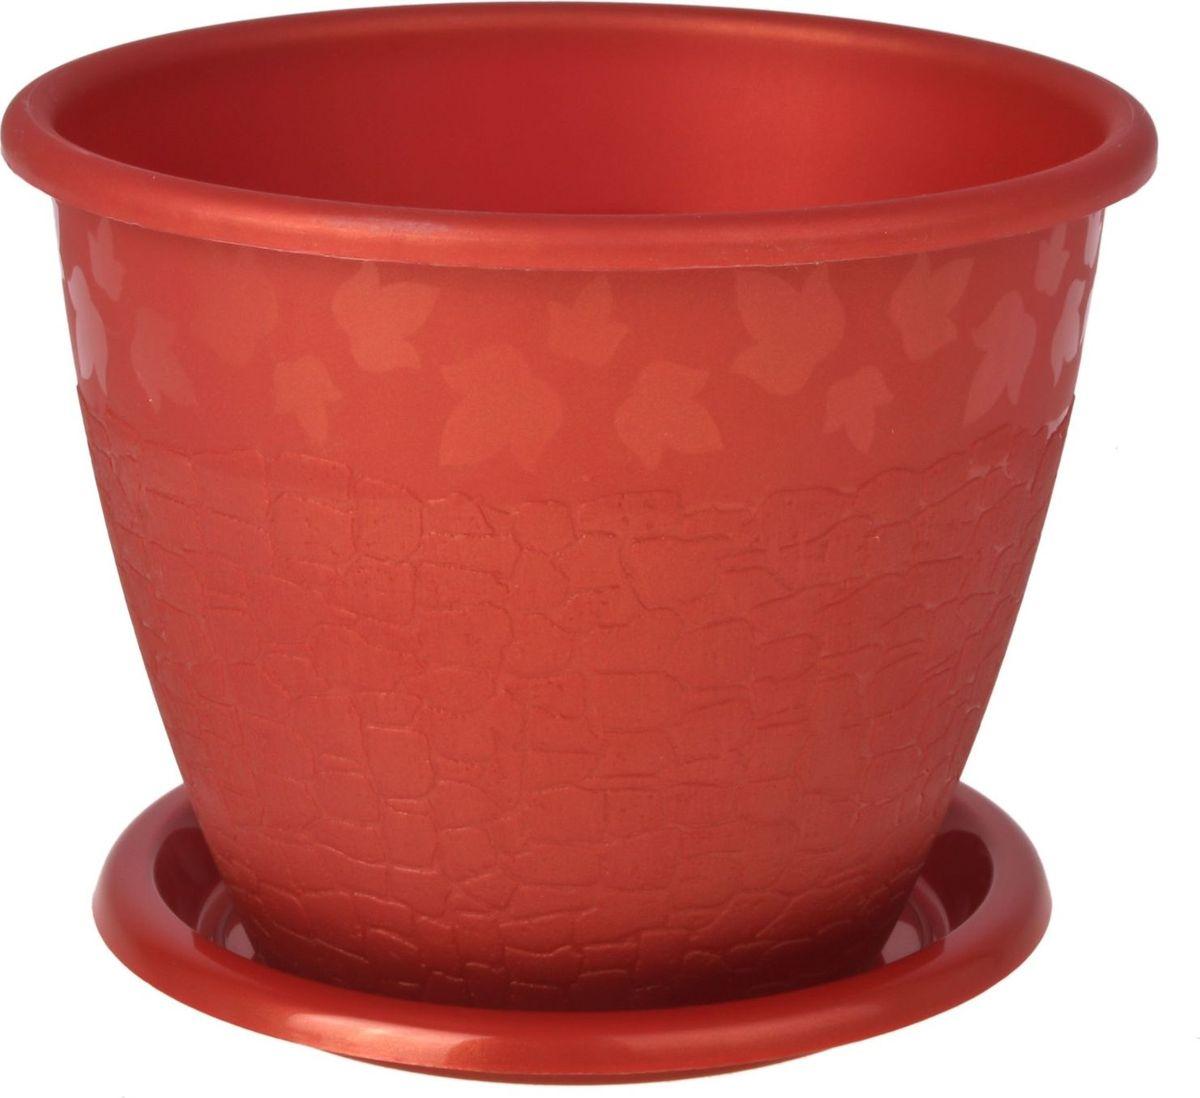 Горшок для цветов Альтернатива Розалия, с поддоном, цвет: медный, 1,2 л577759Любой, даже самый современный и продуманный интерьер будет не завершенным без растений. Они не только очищают воздух и насыщают его кислородом, но и заметно украшают окружающее пространство. Такому полезному члену семьи просто необходимо красивое и функциональное кашпо, оригинальный горшок или необычная ваза!Горшок с поддоном Альтернатива Розалия выполнен из пластика. Пластиковые изделия не нуждаются в специальных условиях хранения. Их легко чистить, достаточно просто сполоснуть теплой водой. Пластиковые кашпо не царапают и не загрязняют поверхности, на которых стоят. Пластик дольше хранит влагу, а значит растение реже нуждается в поливе.